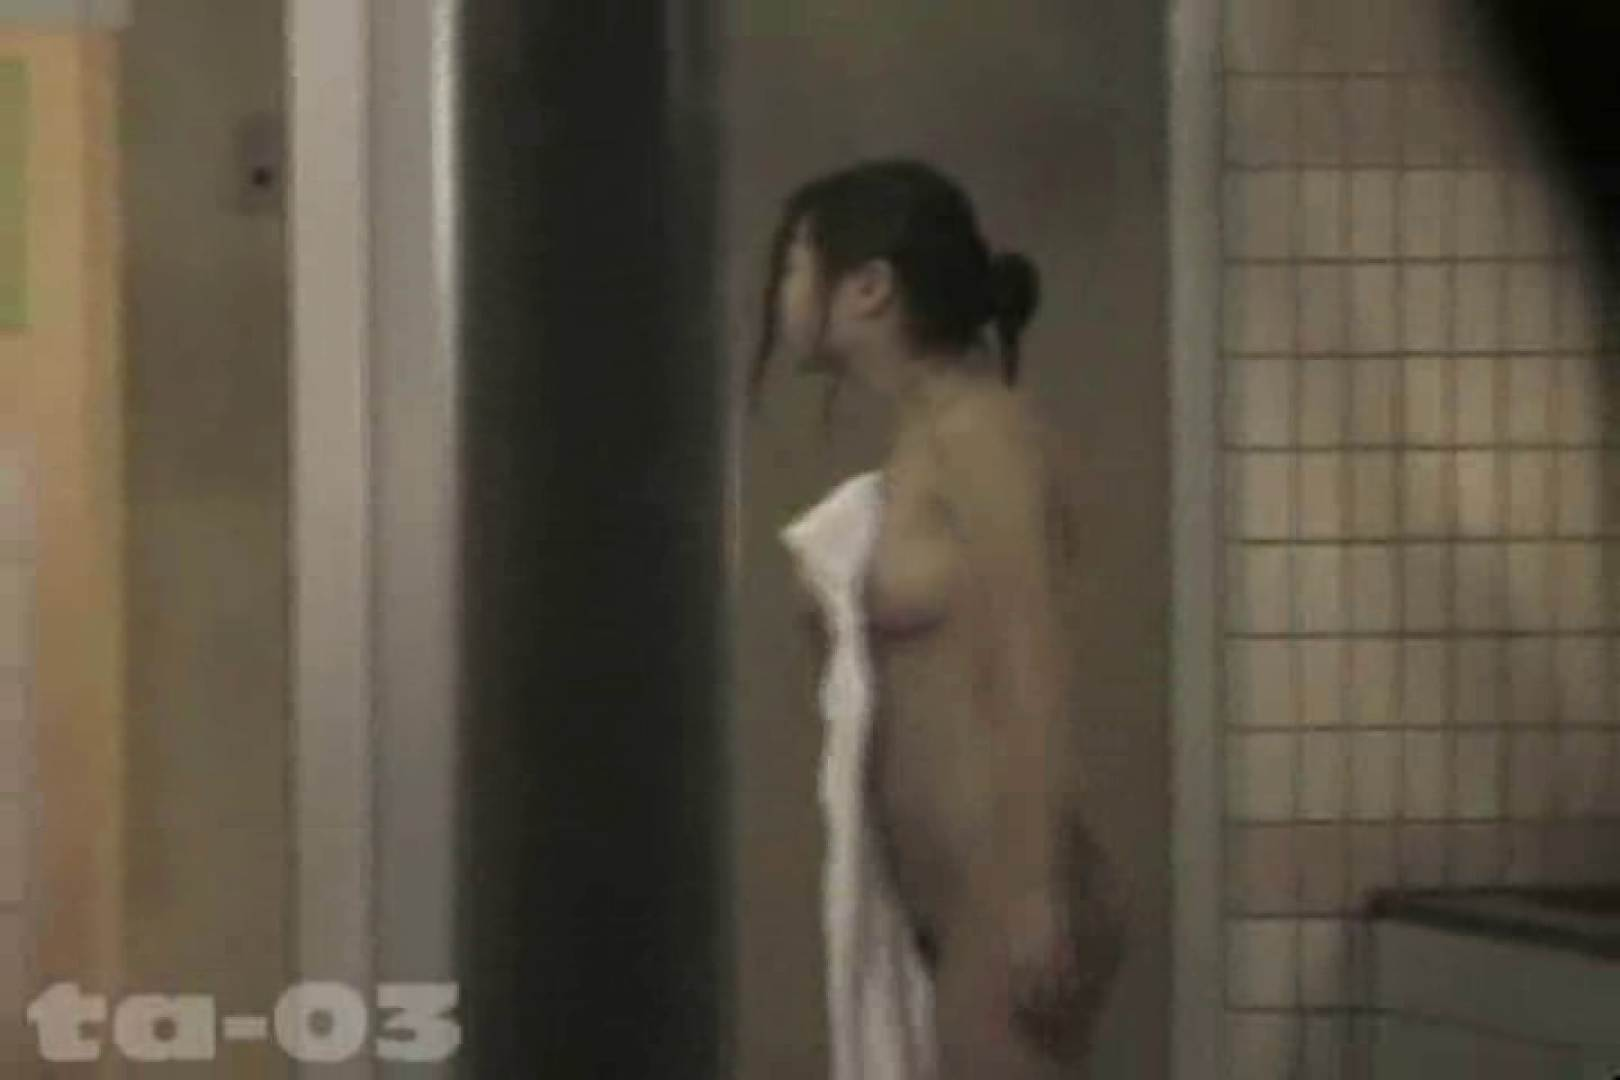 合宿ホテル女風呂盗撮高画質版 Vol.03 合宿 | OLの実態  49pic 19